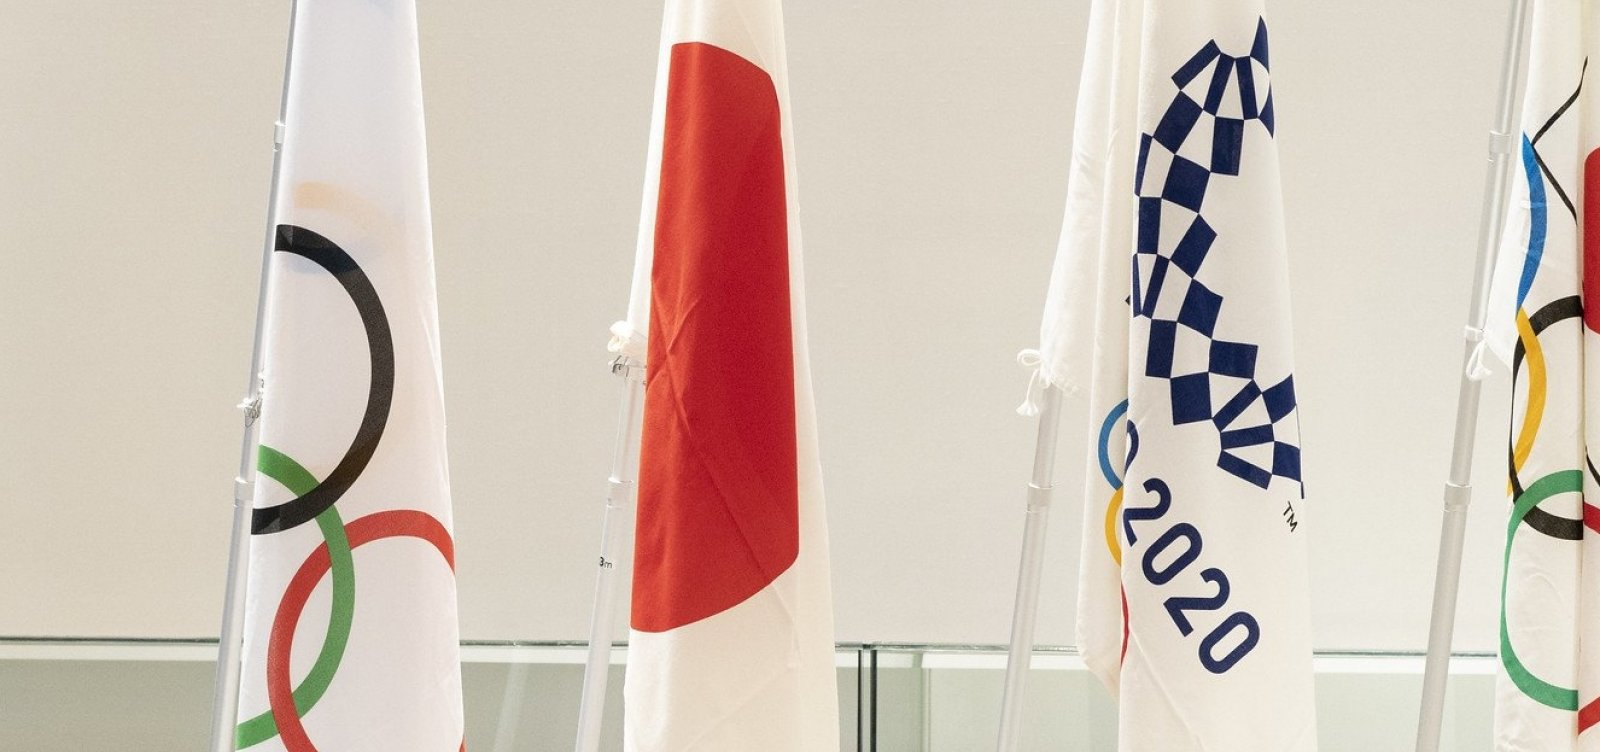 [Após declarações machistas, presidente do Comitê de Tóquio deve renunciar, diz imprensa local]